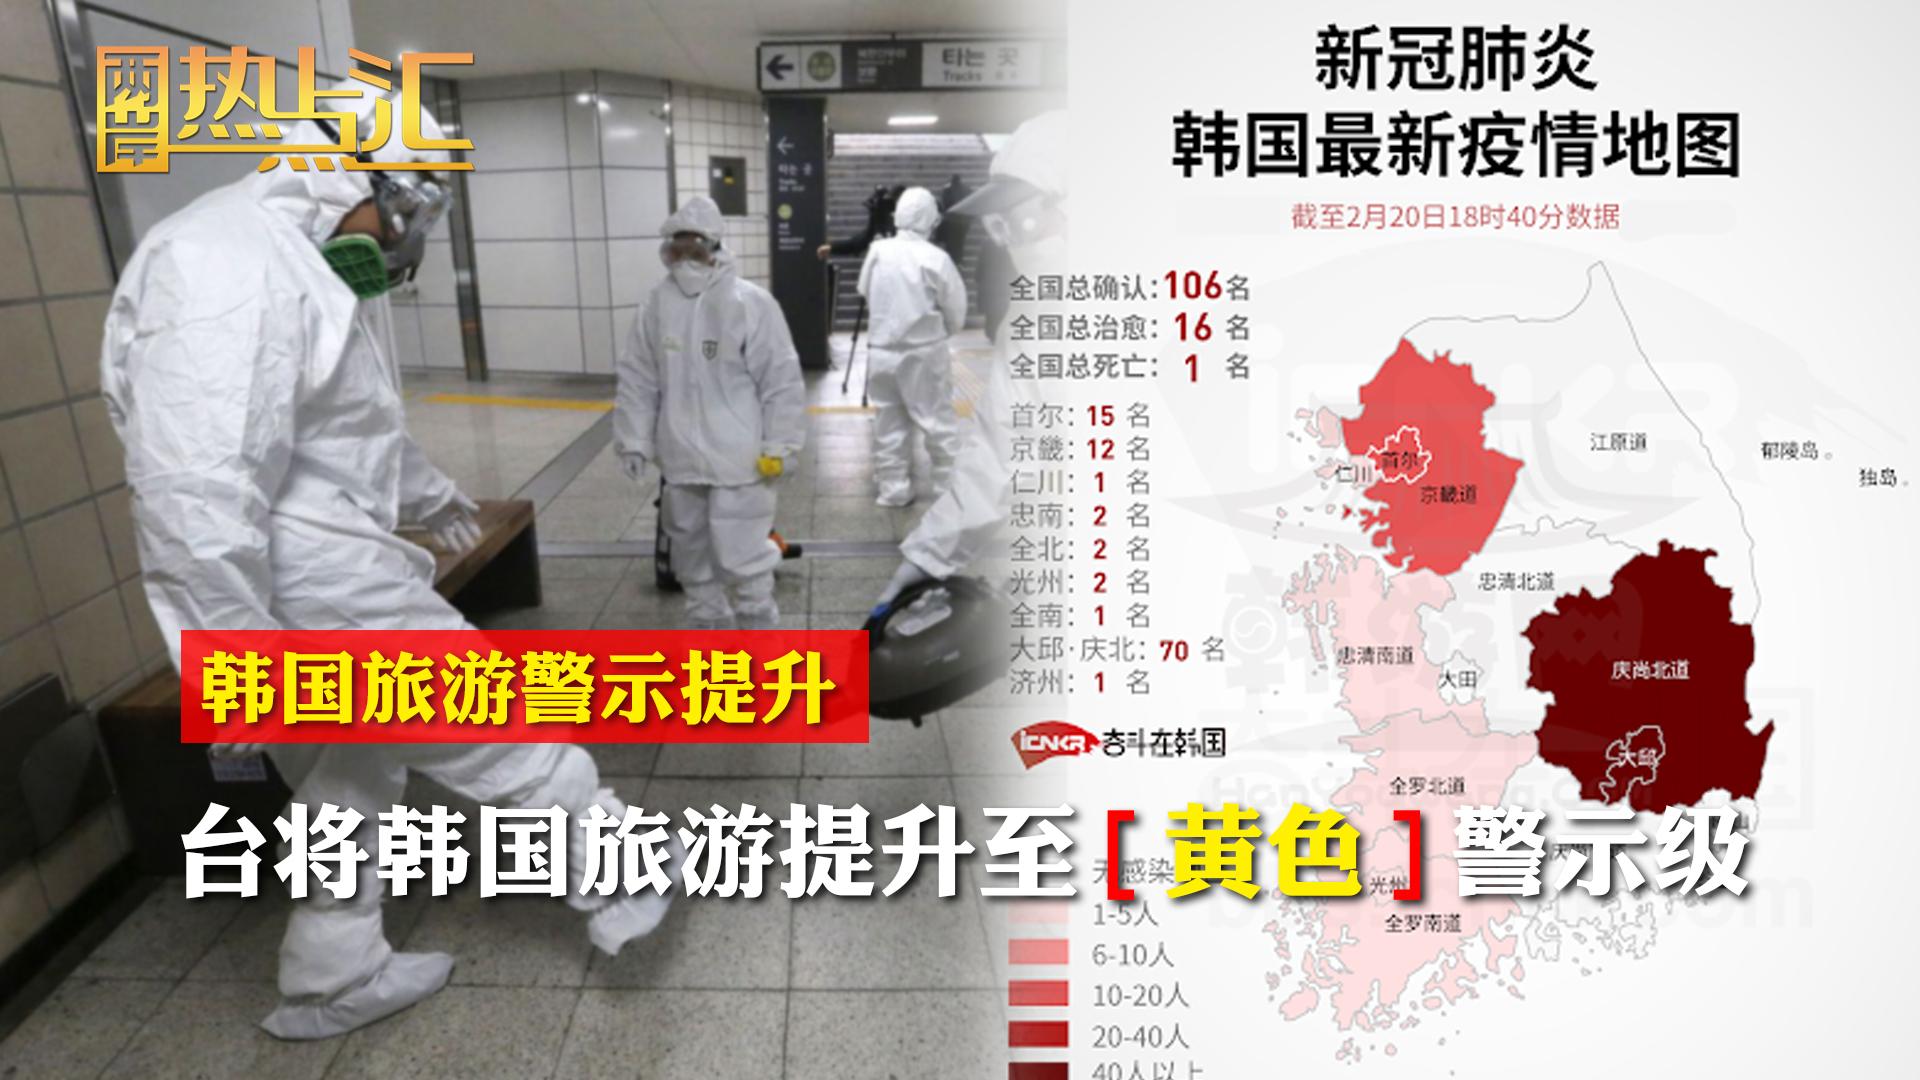 台将韩国旅游提升至黄色警示级 摆官威无助校园防疫图片